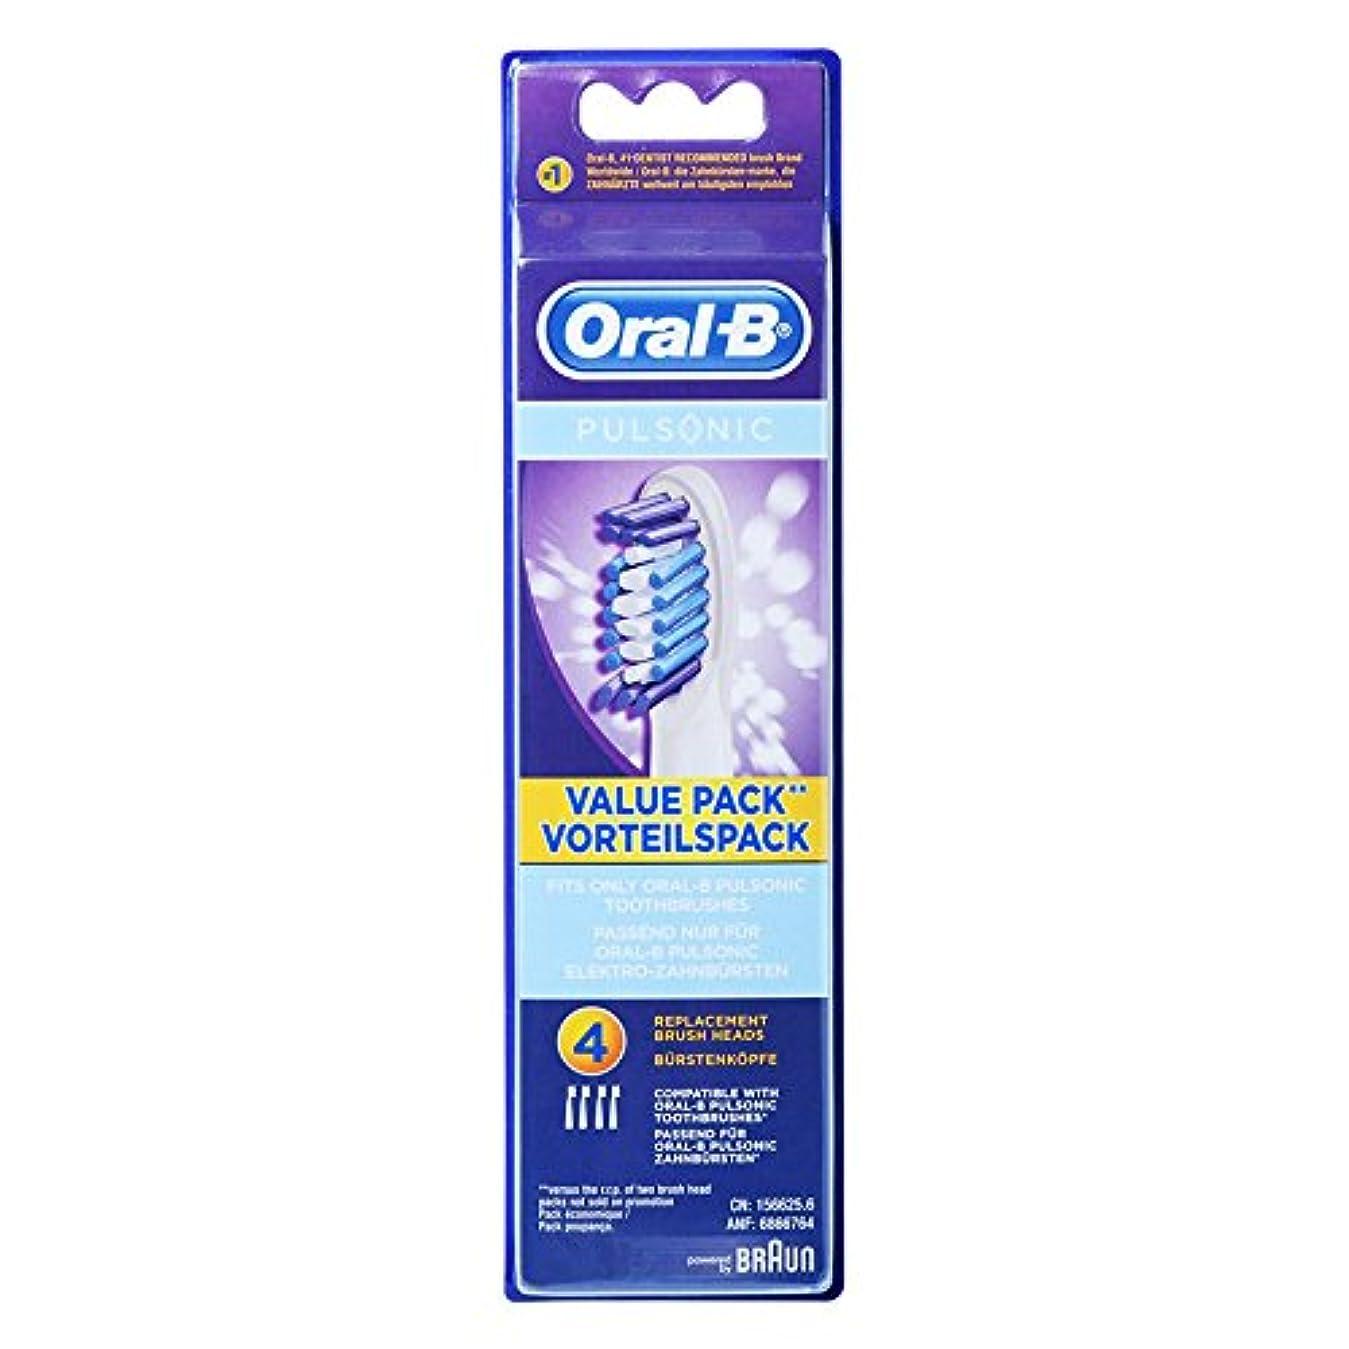 食欲怠感性能Braun Oral-B SR32-4 Pulsonic Value Pack 交換用ブラシヘッド 1Pack [並行輸入品]